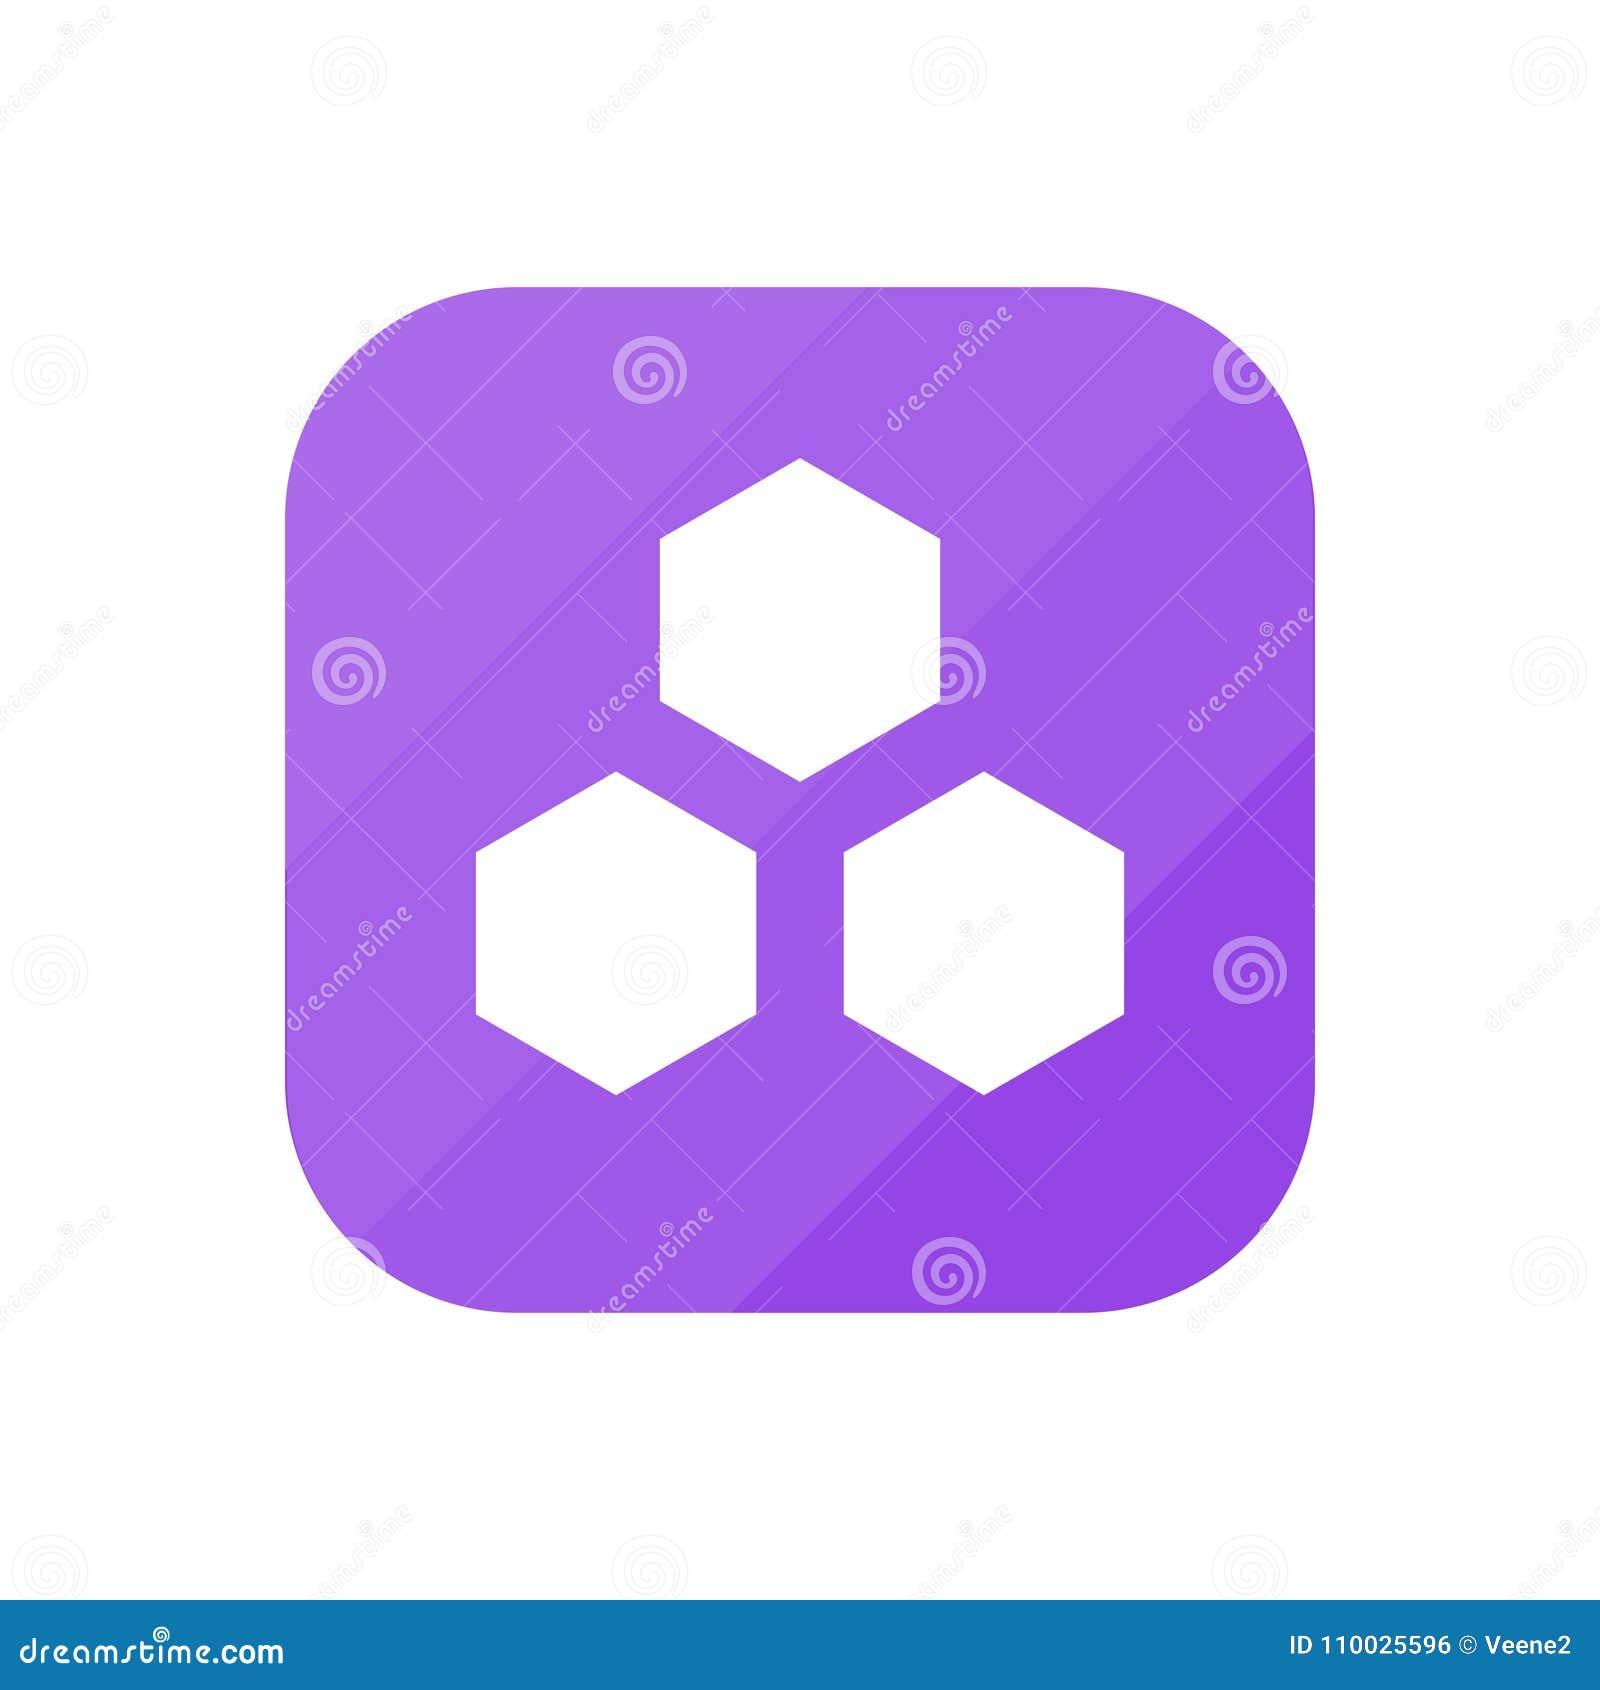 Hexuitdraai - App Pictogram